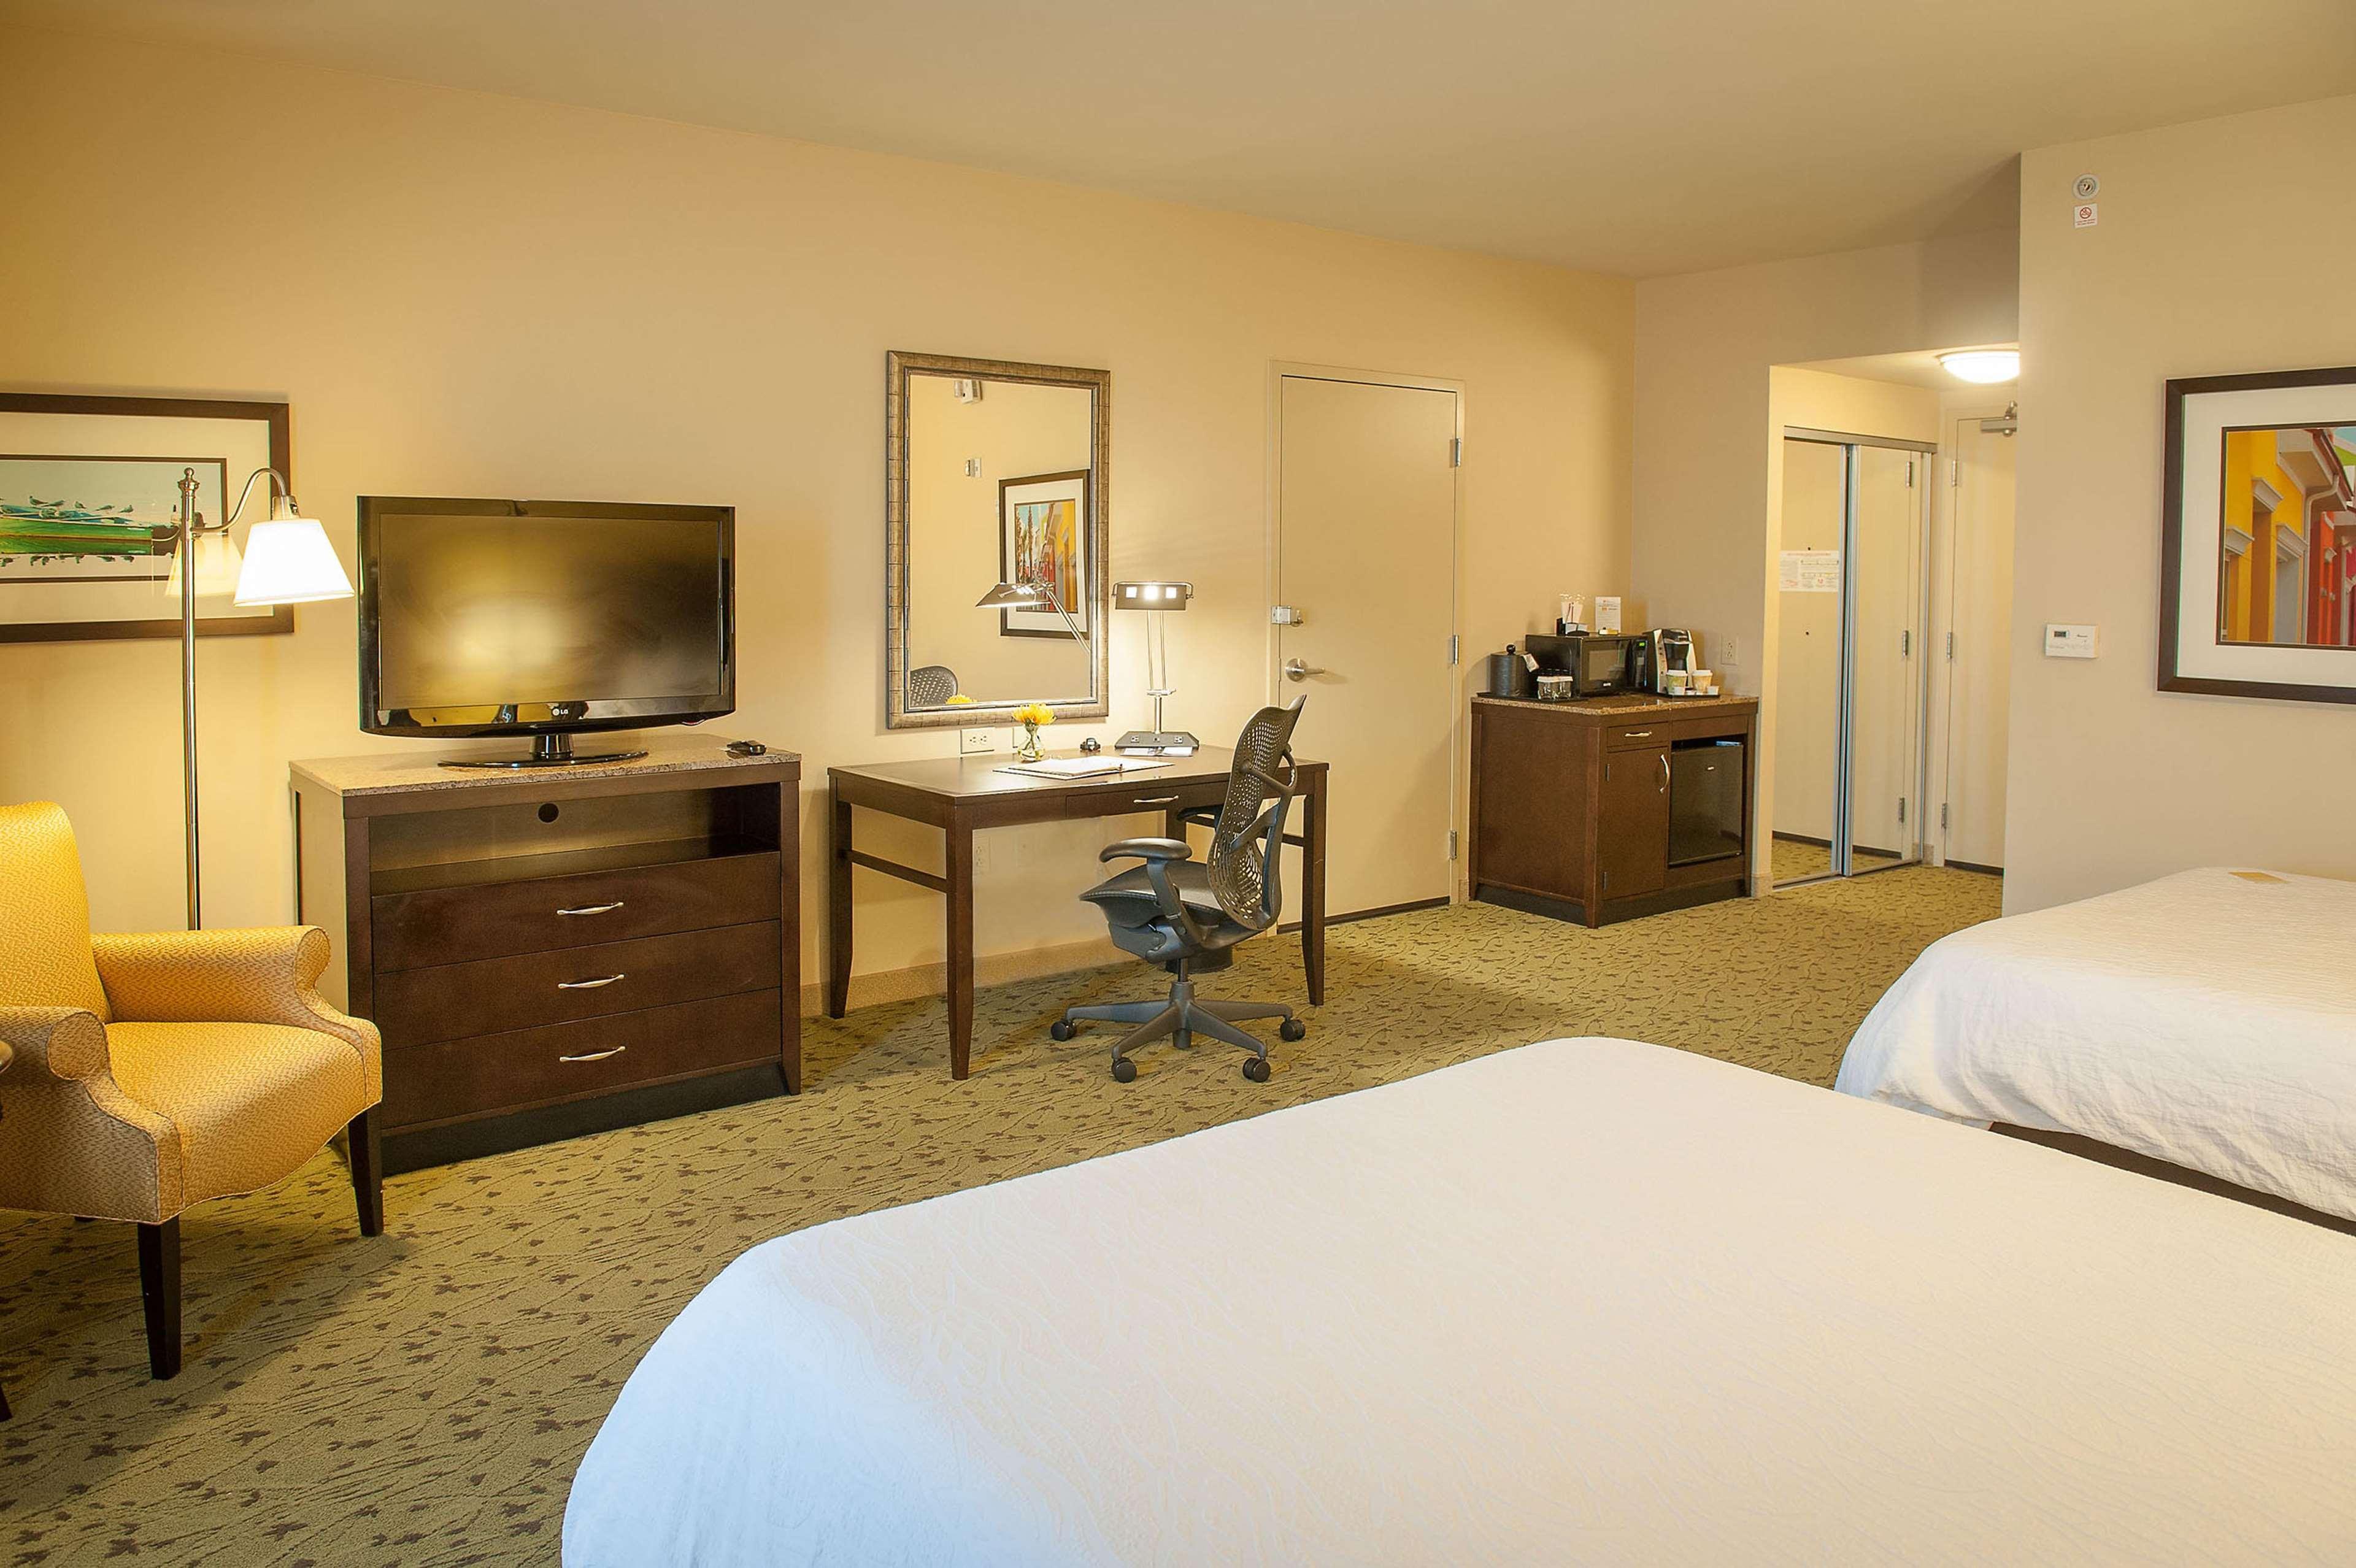 Hilton Garden Inn Pensacola Airport - Medical Center image 27